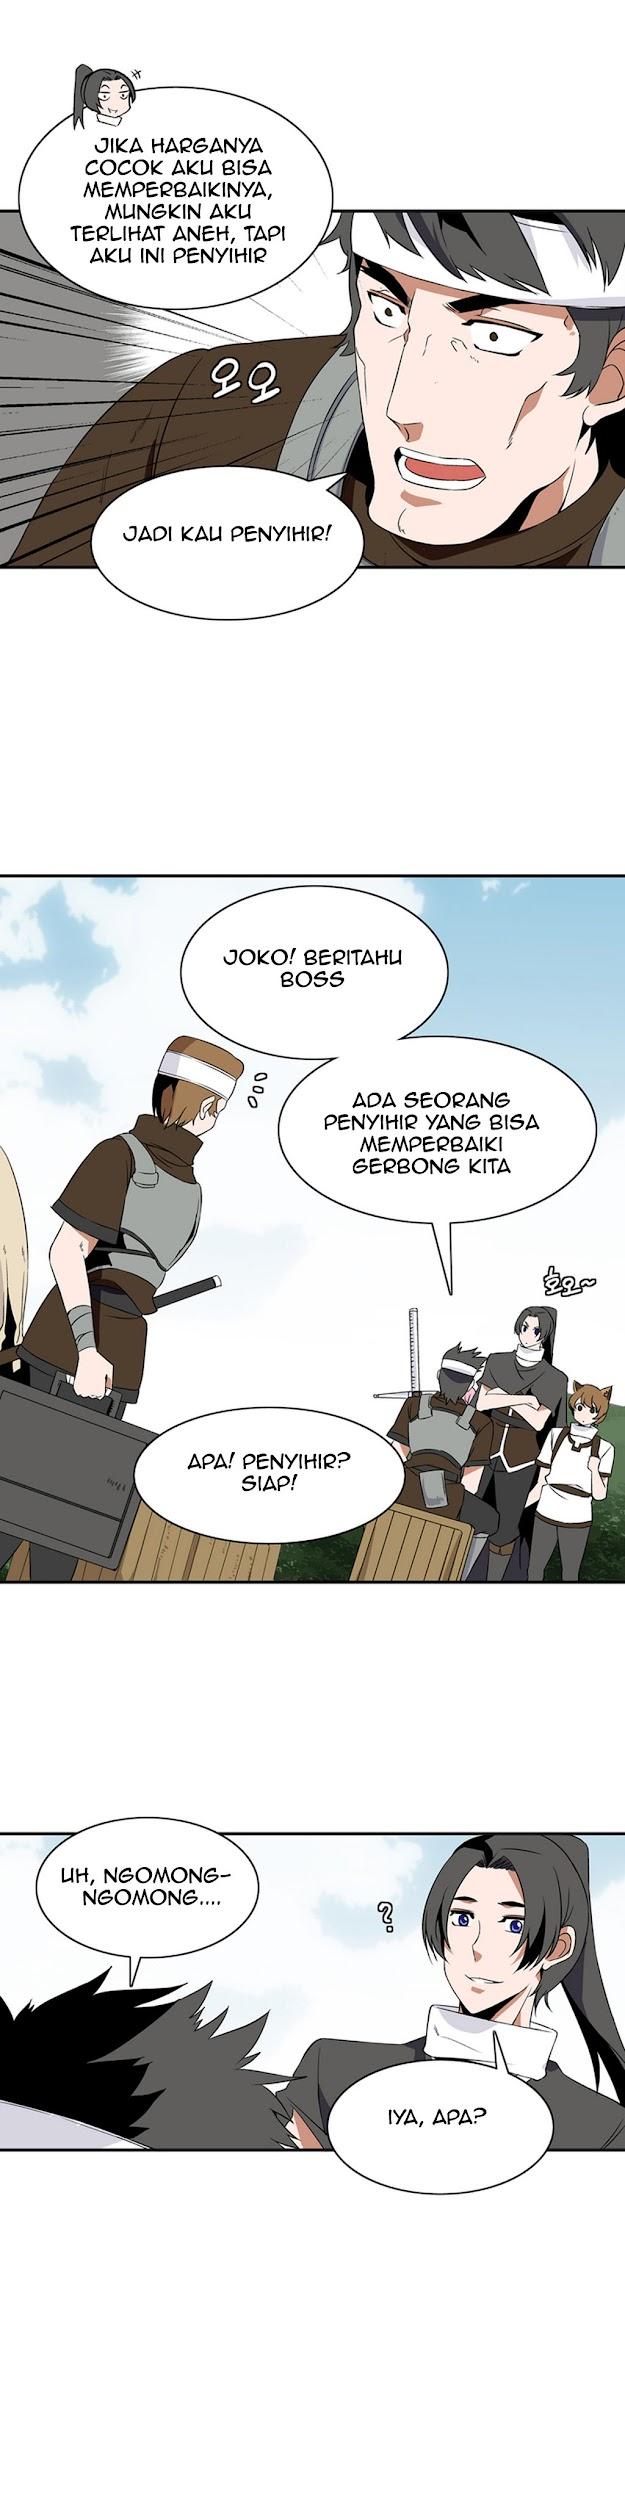 Dilarang COPAS - situs resmi www.mangacanblog.com - Komik wizardly tower 008 - chapter 8 9 Indonesia wizardly tower 008 - chapter 8 Terbaru 17|Baca Manga Komik Indonesia|Mangacan